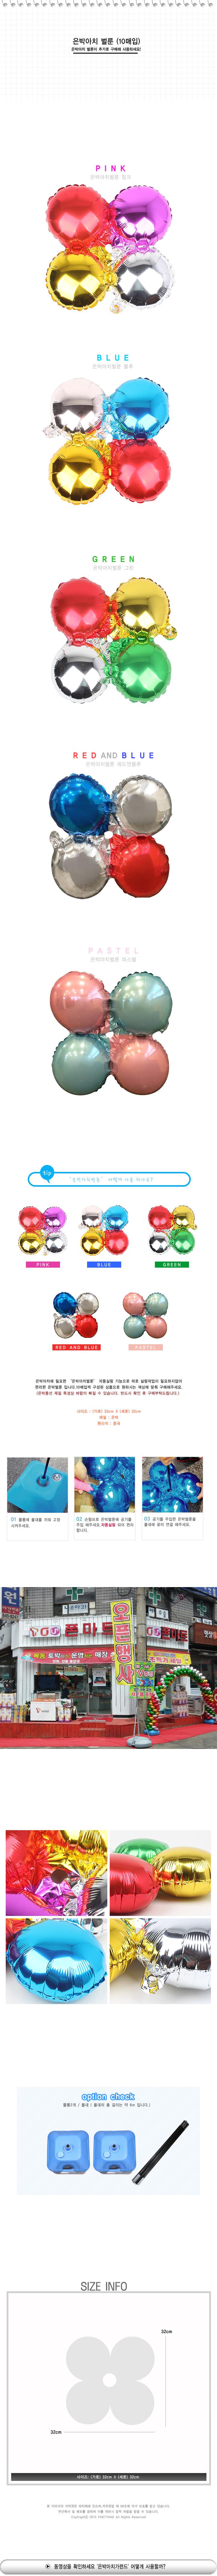 은박아치벌룬-블루(10매입) - 파티해, 11,500원, 파티용품, 풍선/세트